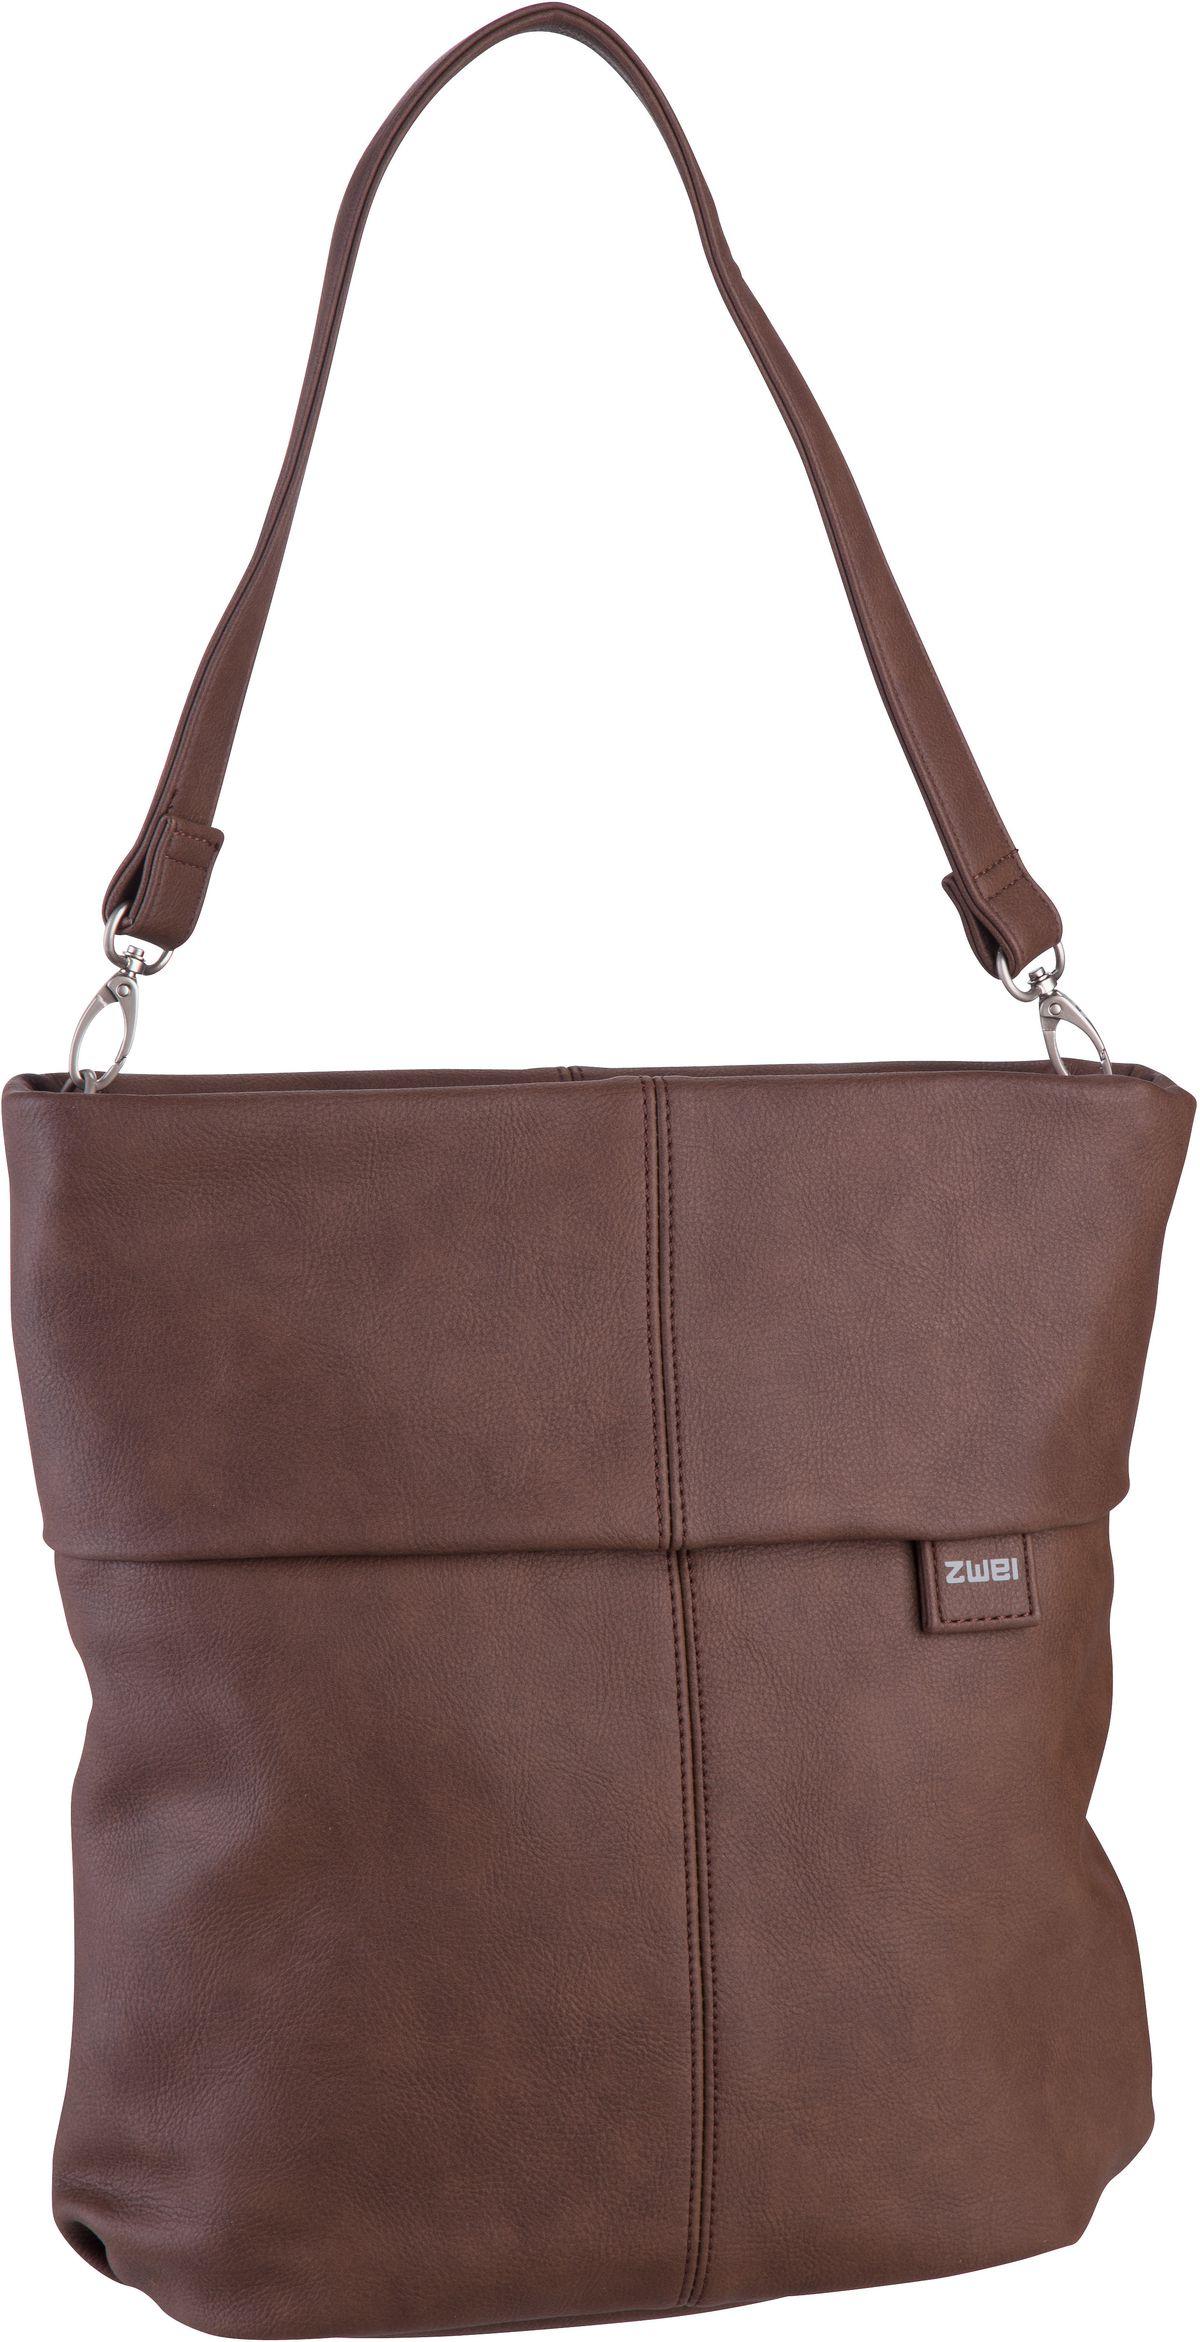 Handtasche Mademoiselle M12 Wood (7 Liter)